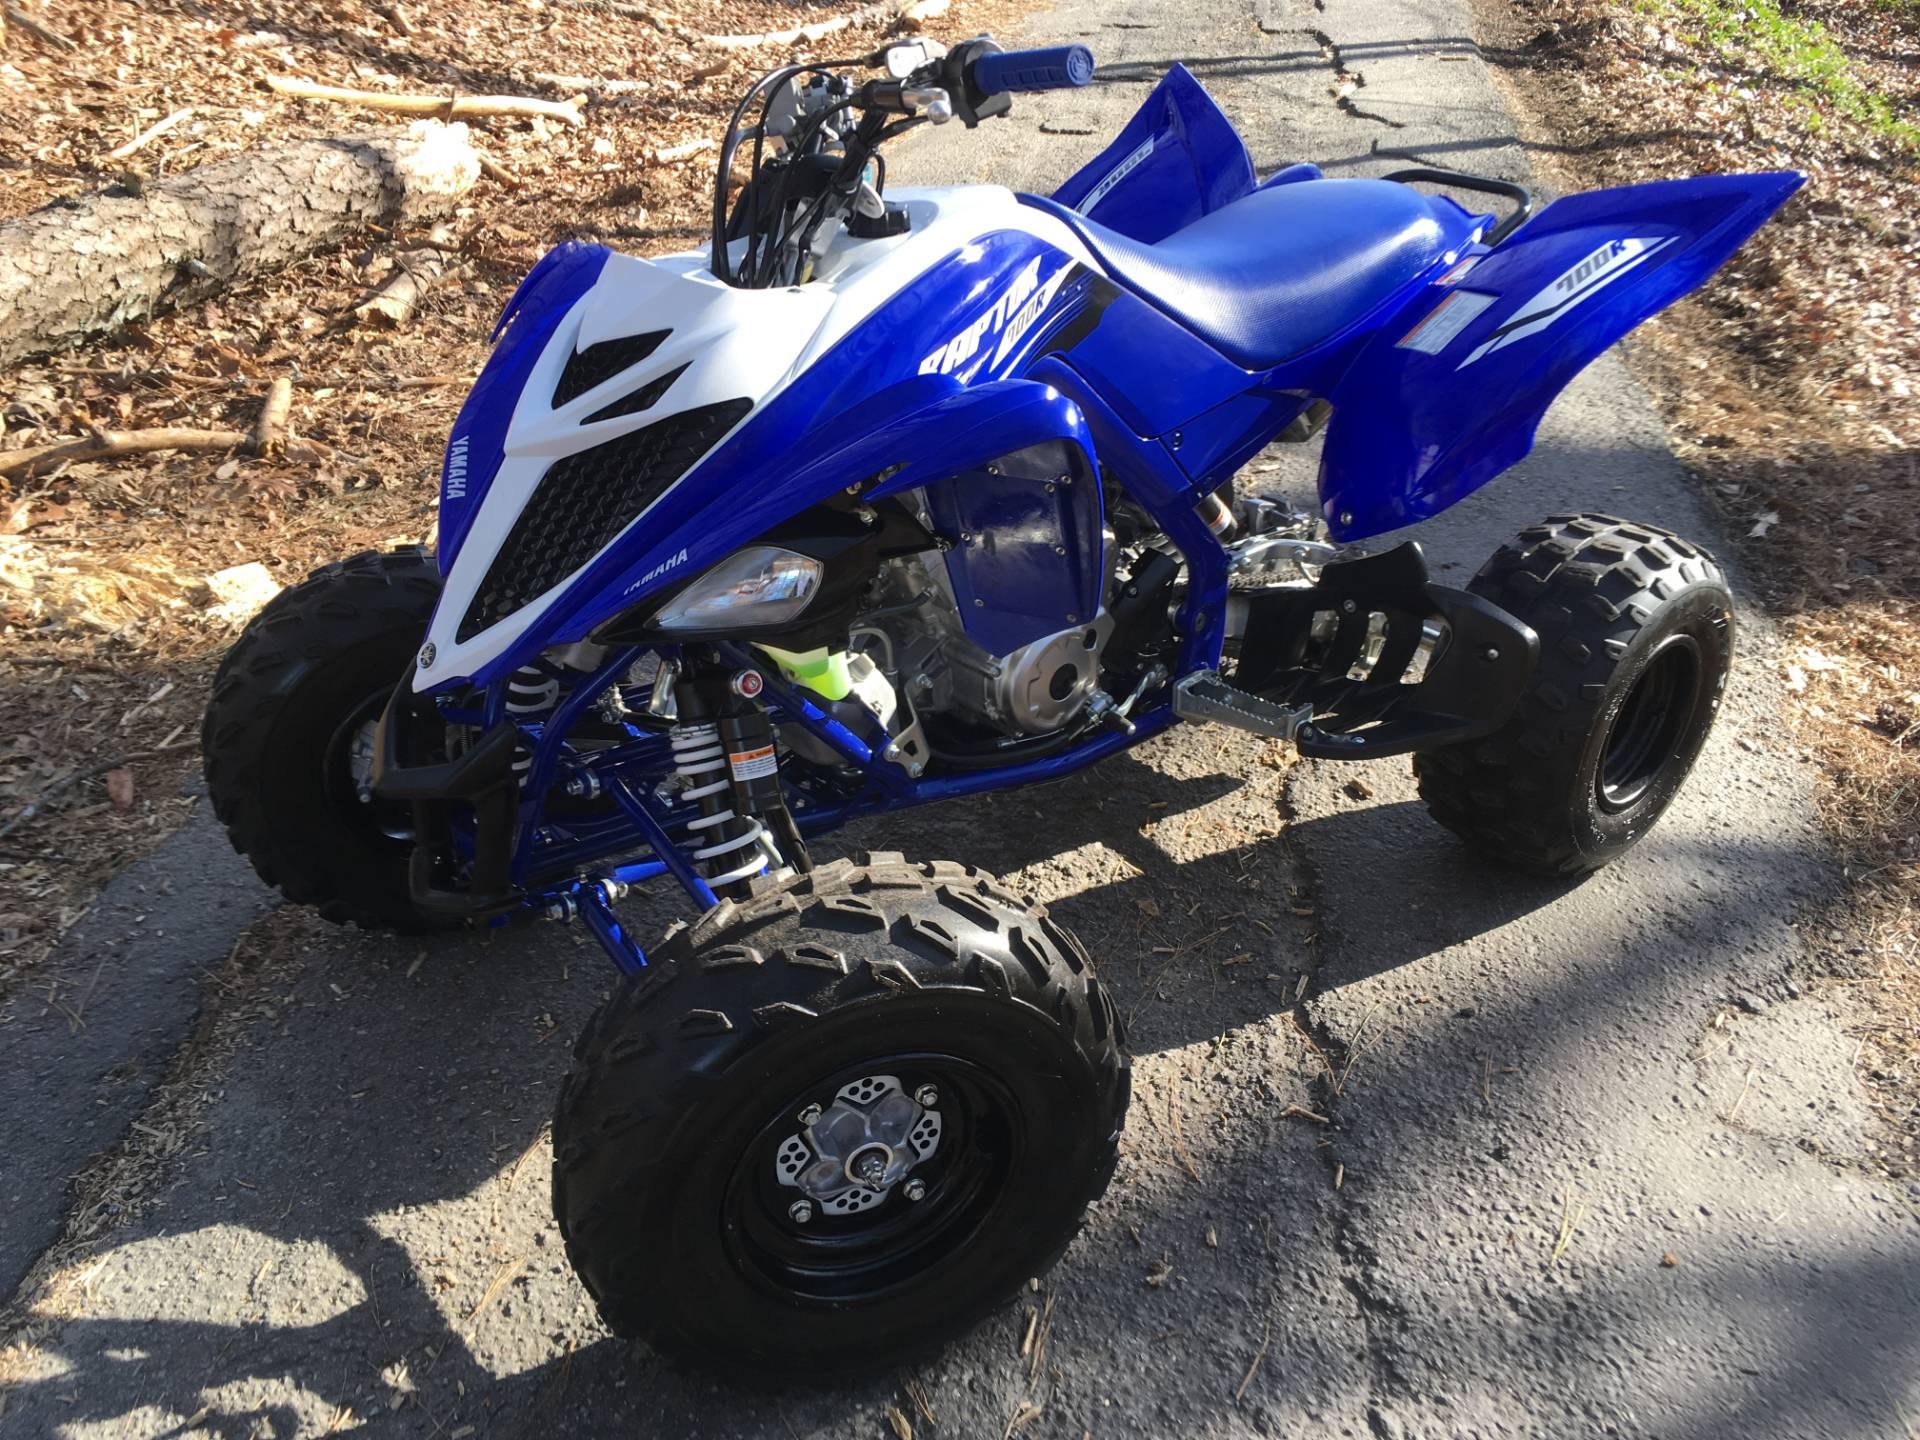 2018 Yamaha Raptor 700R for sale 21117